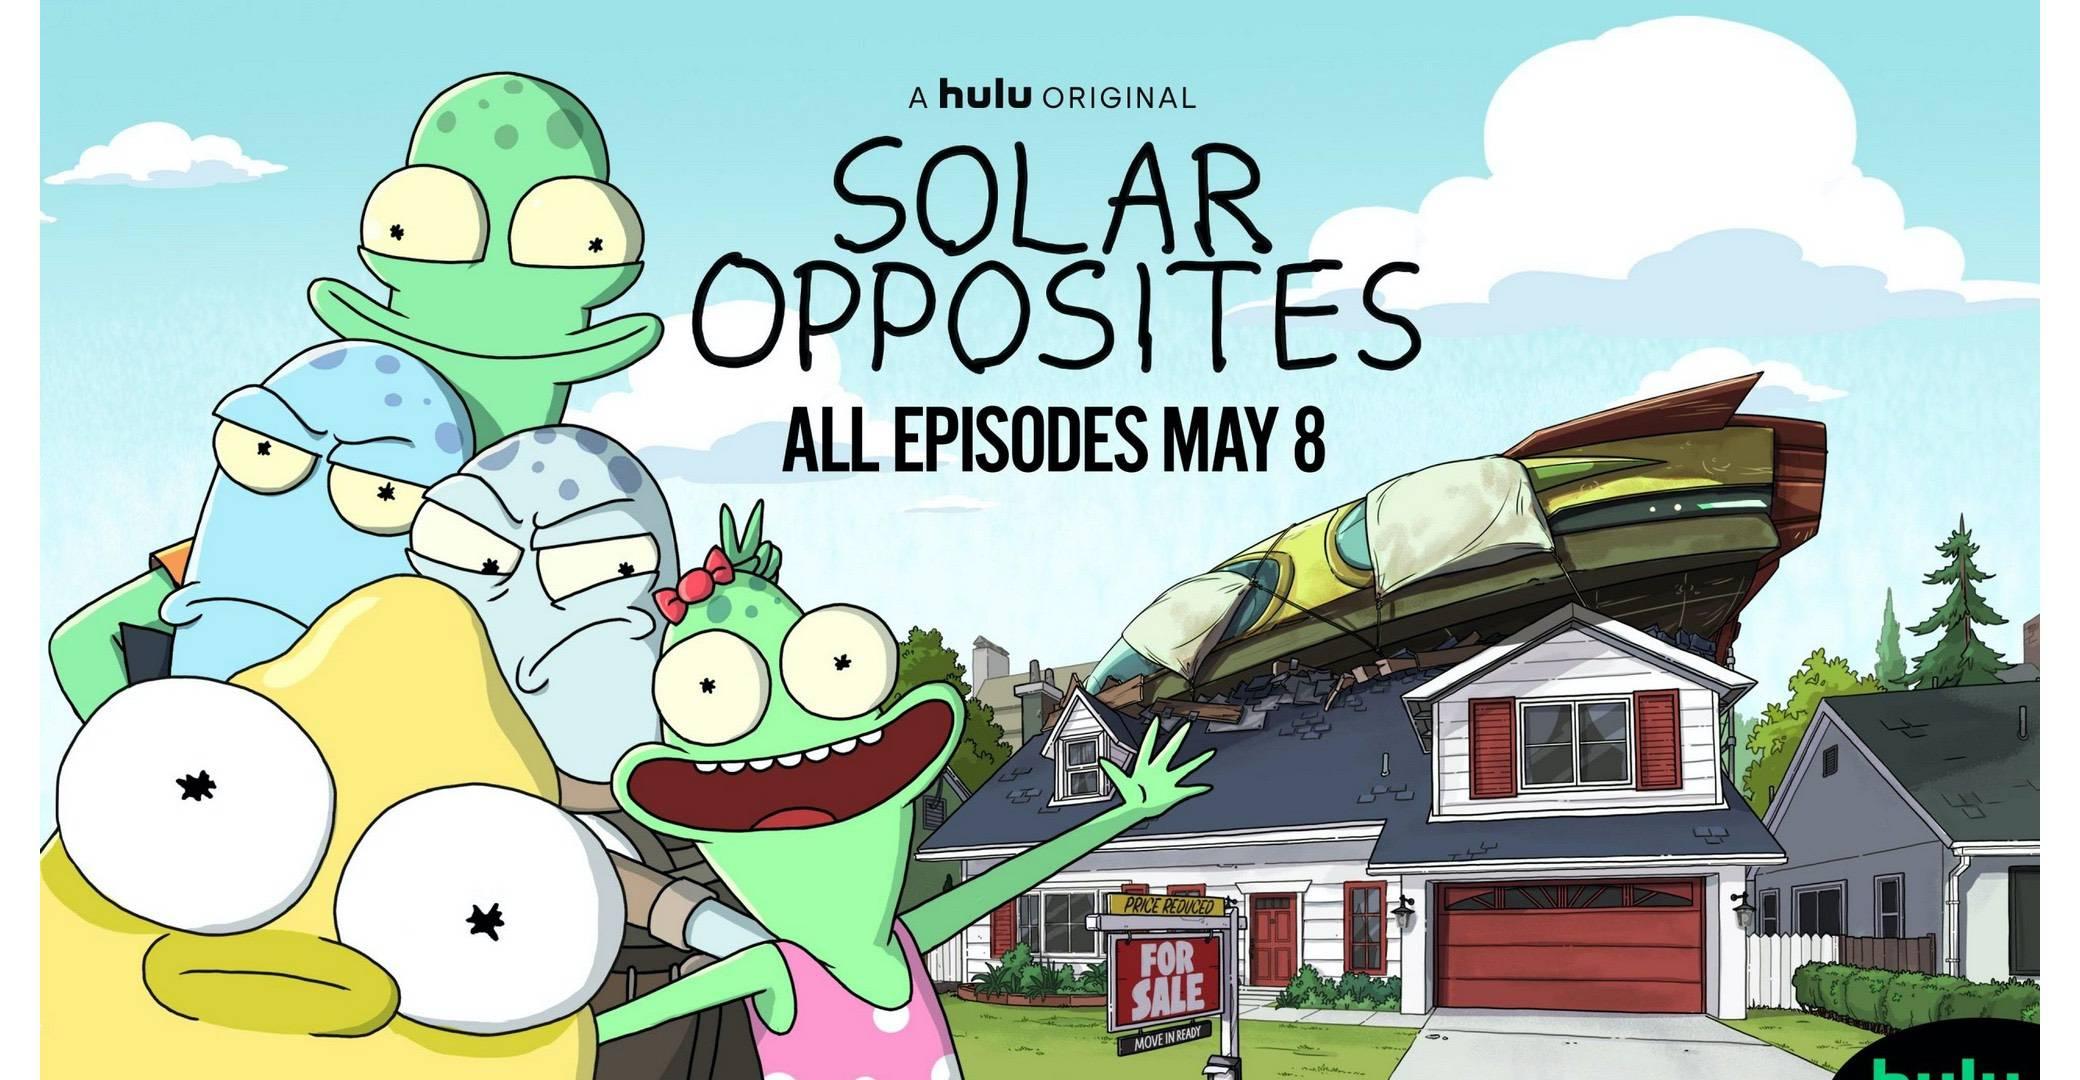 solar-opposites image